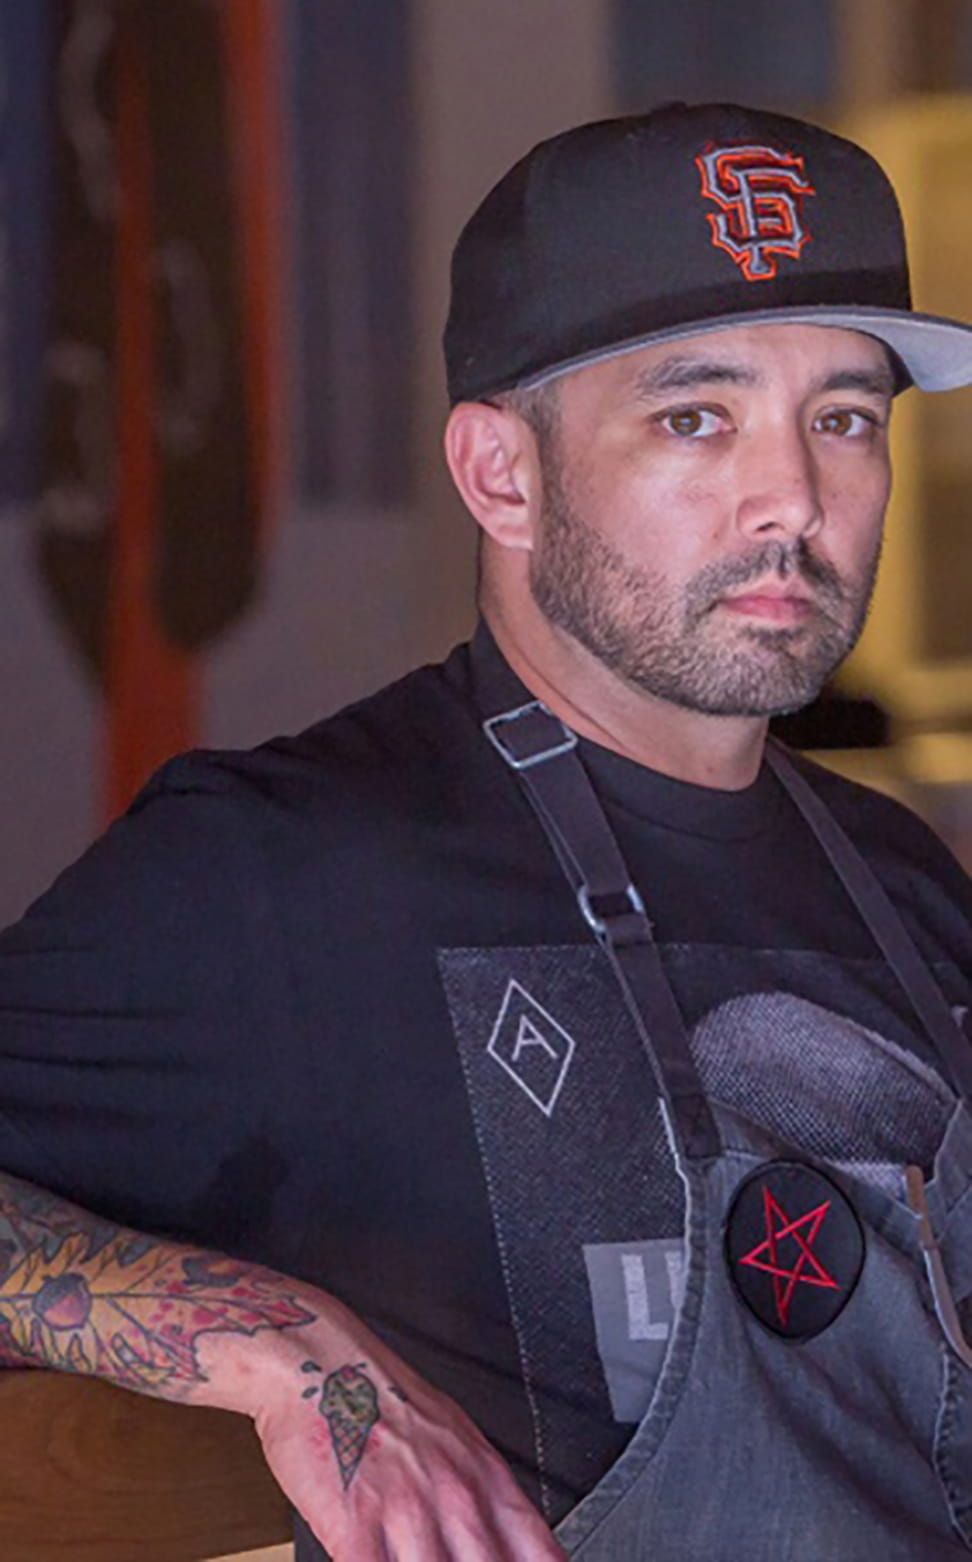 Richie Nakano